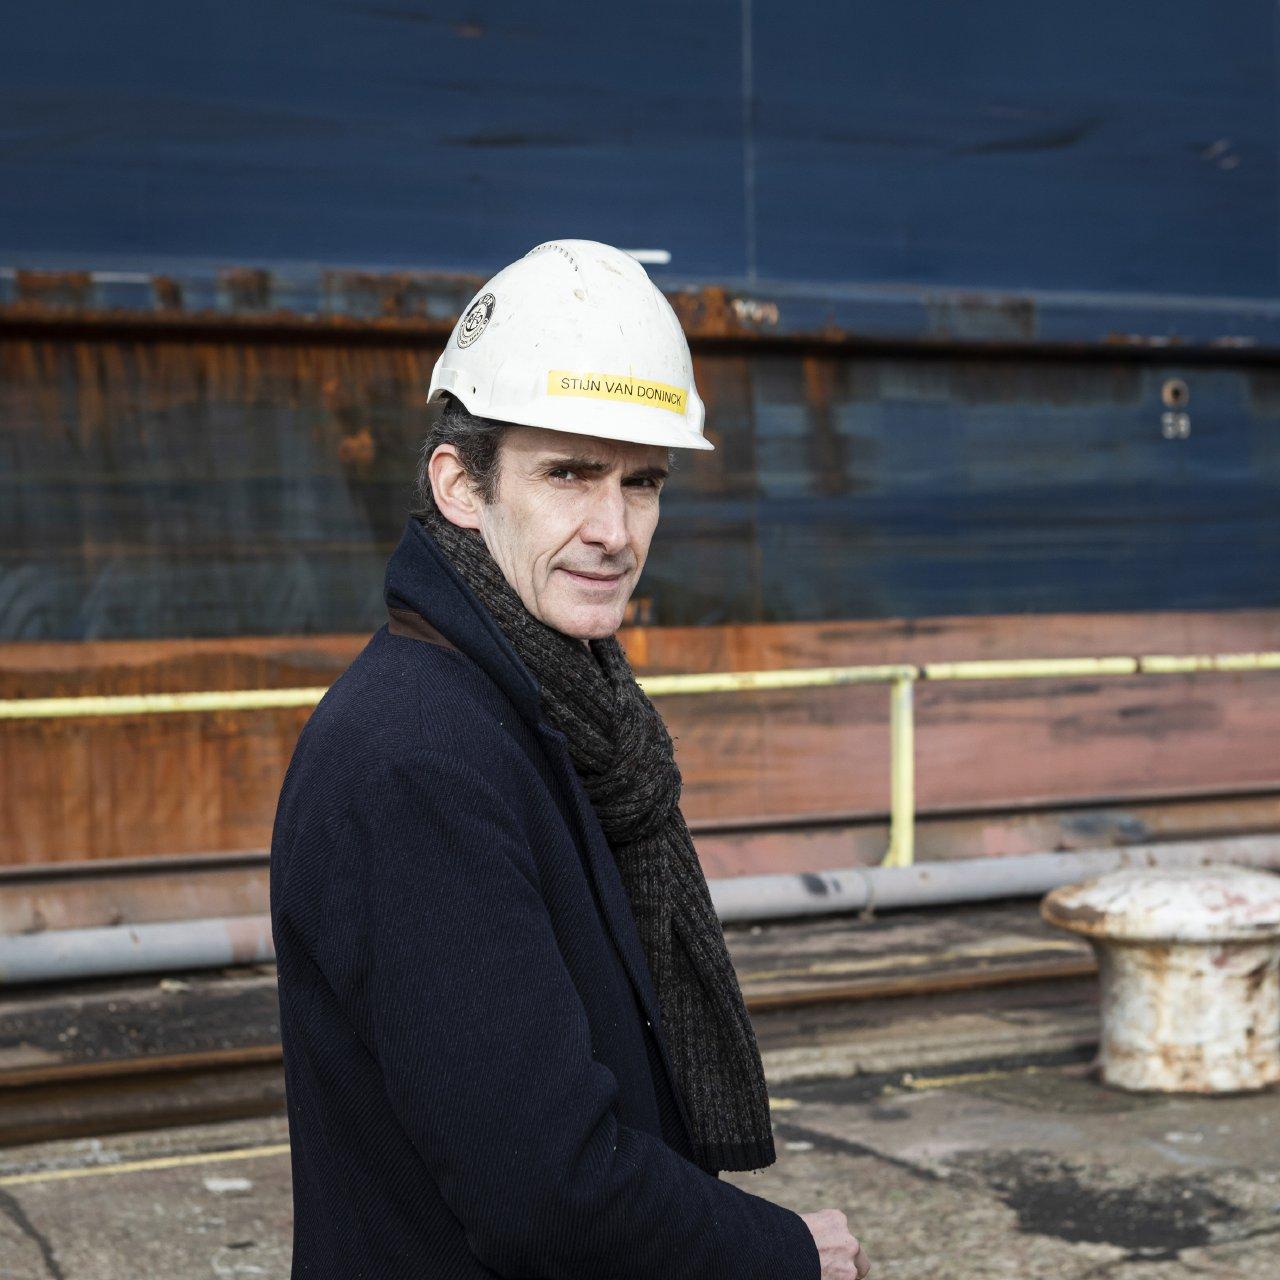 CEO EDR Antwerp Shipyard Stijn Van Doninck (c) Siska vandecasteele